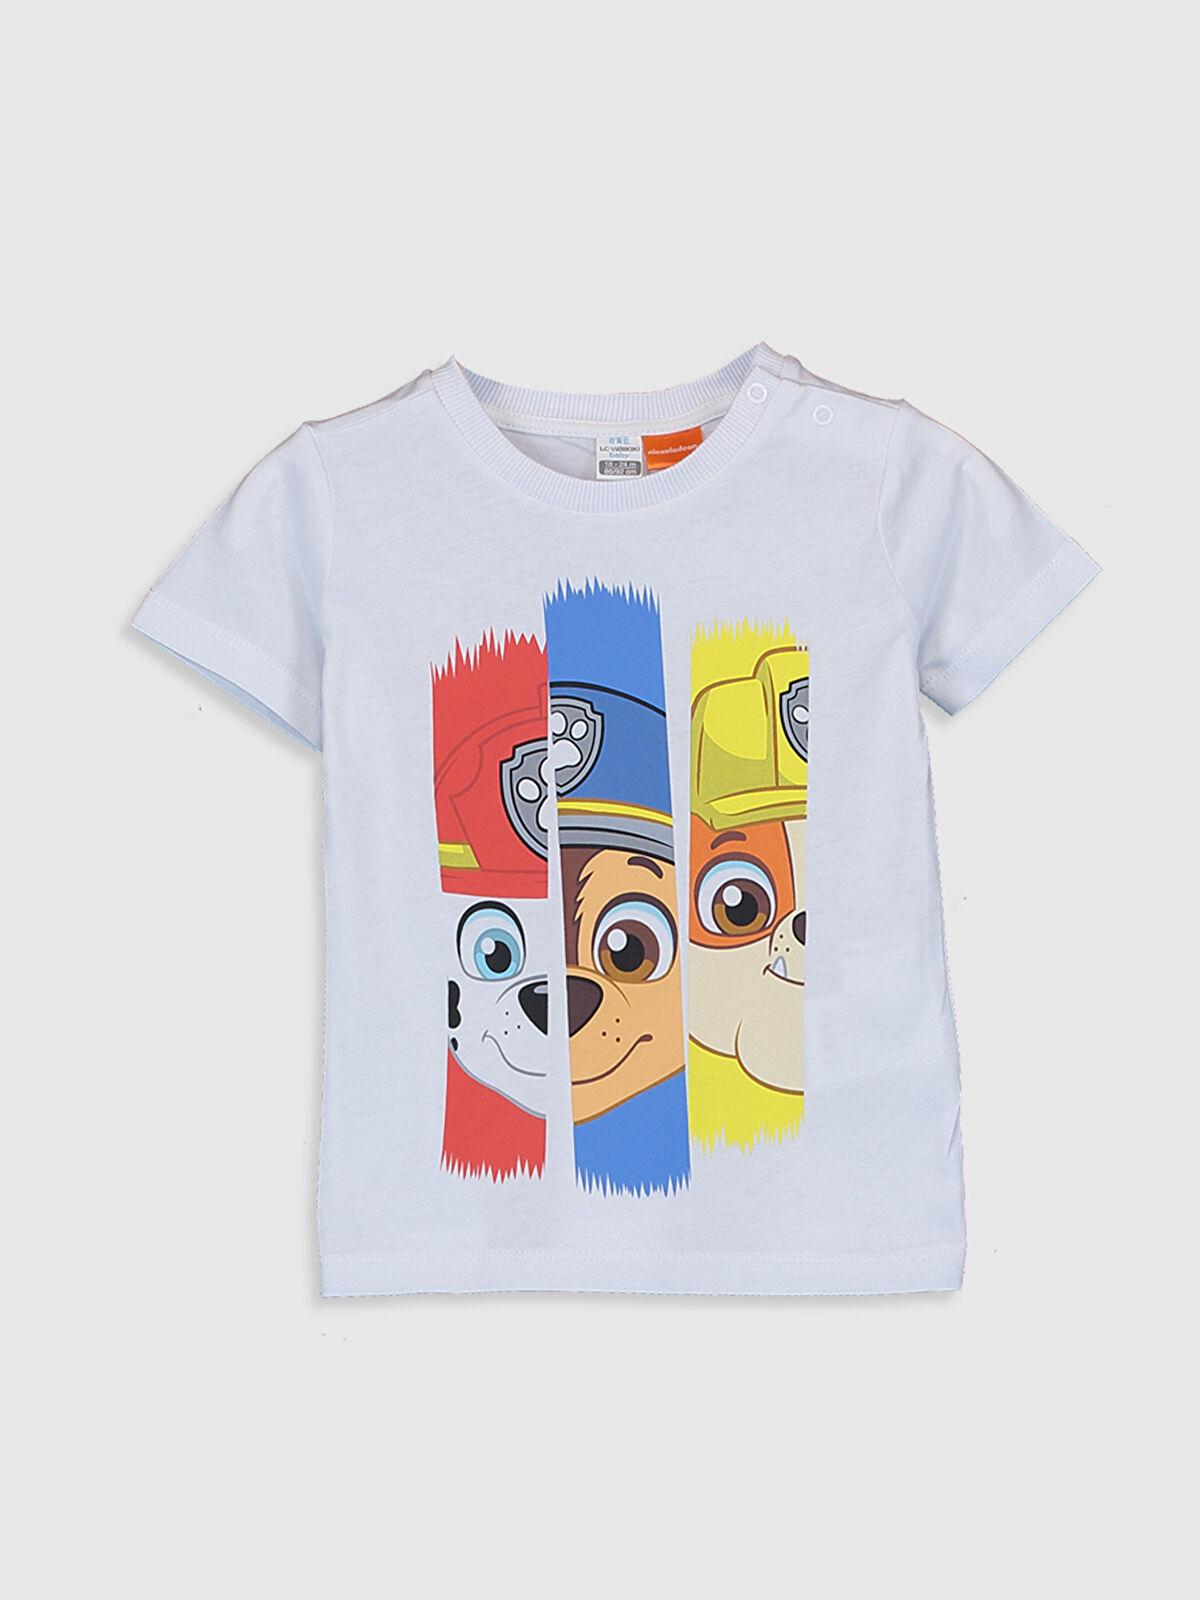 Erkek Bebek Paw Patrol Baskılı Tişört - LC WAIKIKI